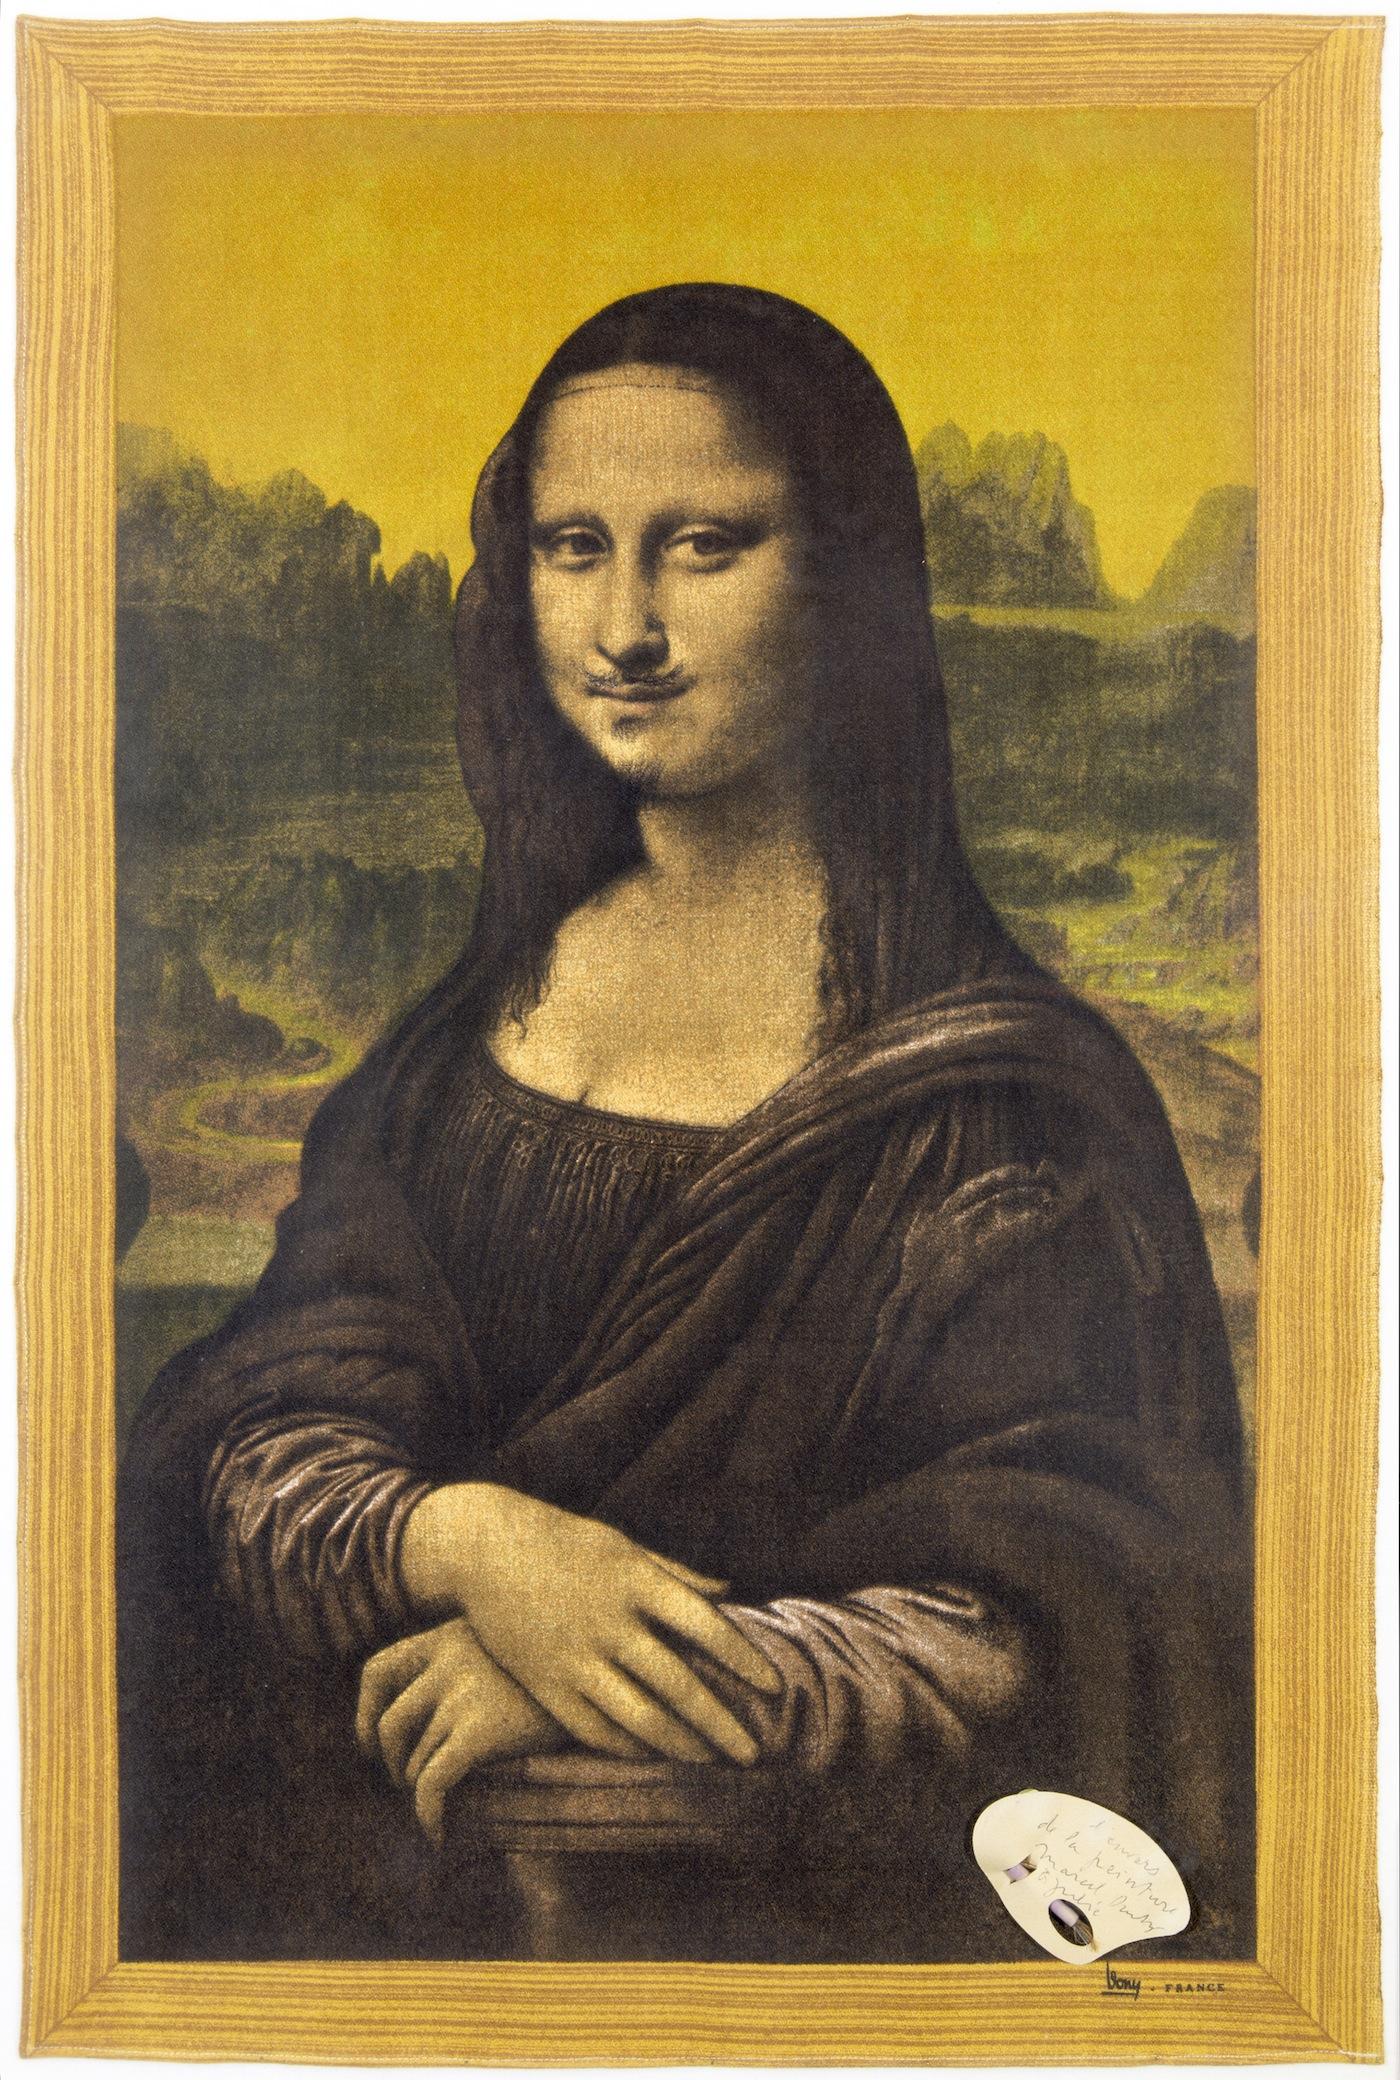 Marcel Duchamp, L'envers de la peinture, 1955, tessuto penna e collage, cm 73.5×48, Collezione privata